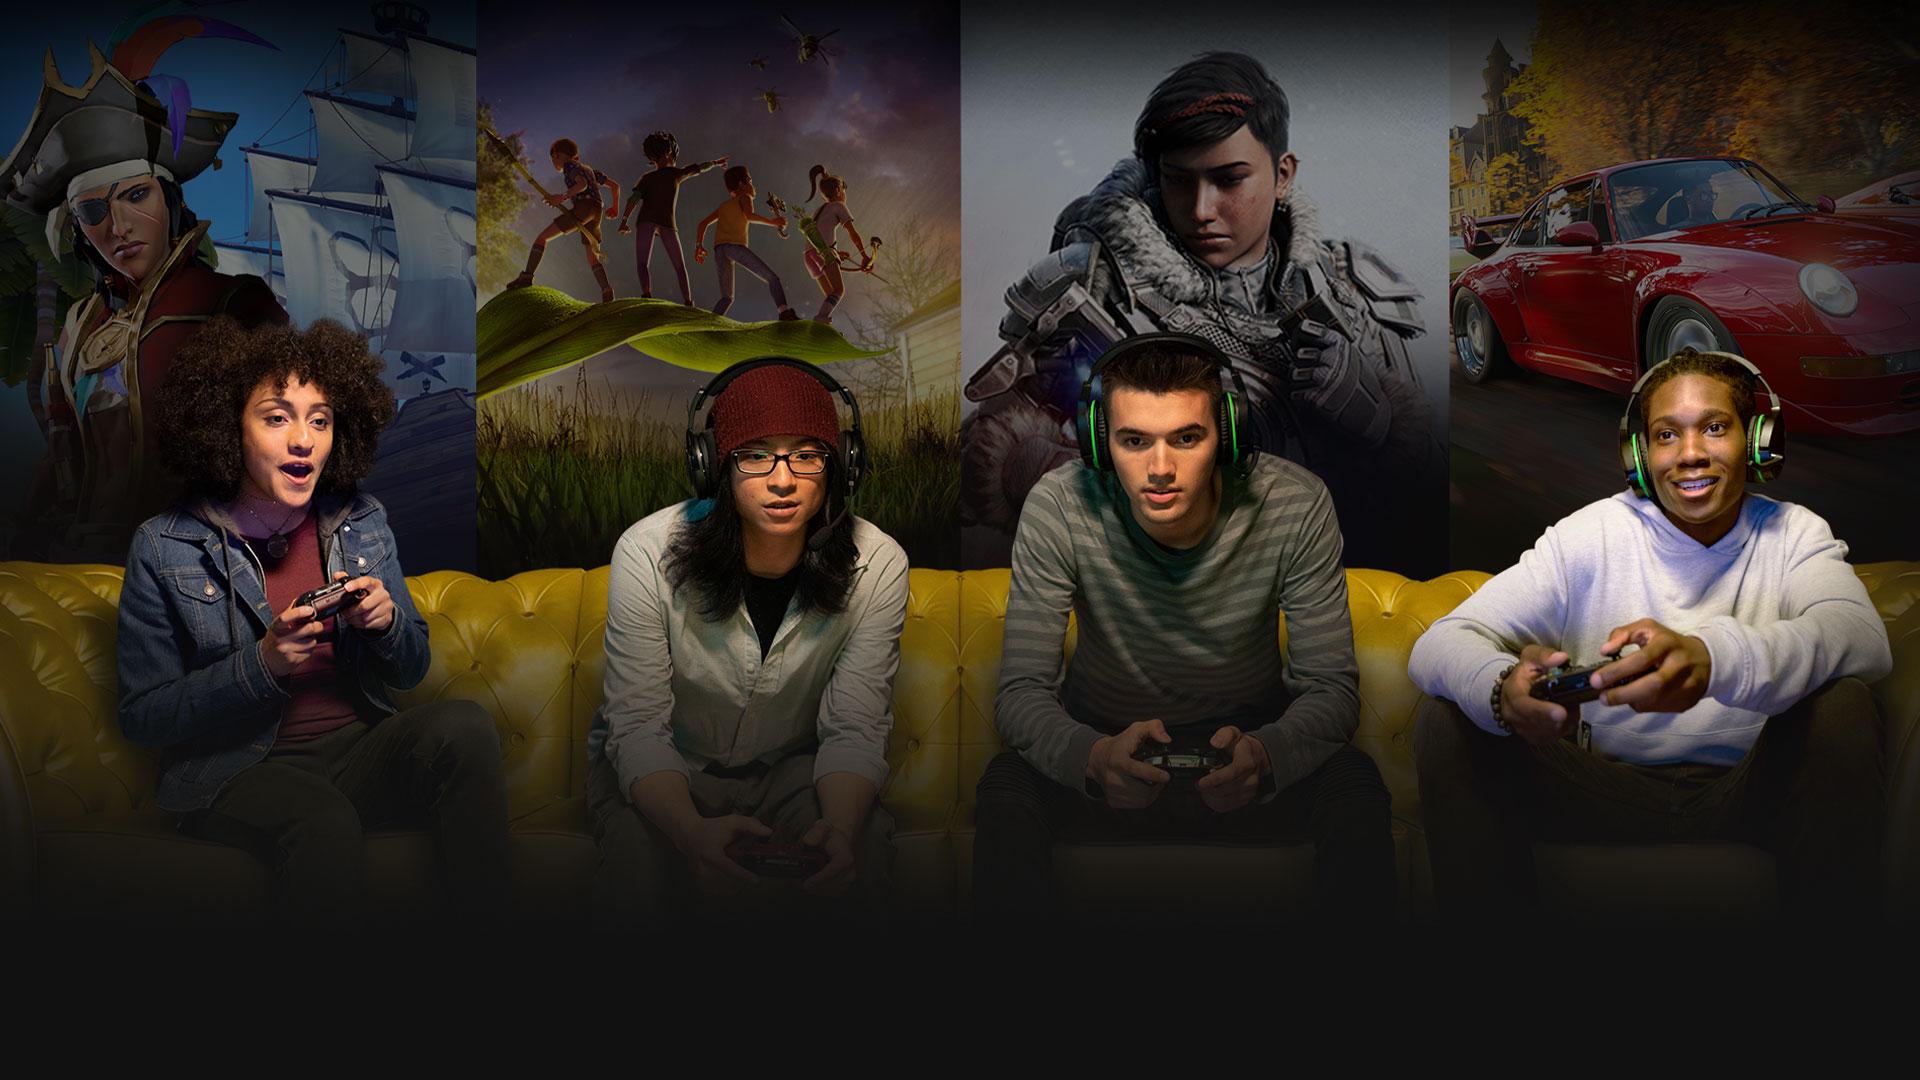 Четыре геймера сидят на золотом диване, за их спинами коллаж сцен из игр Xbox, в том числе Gears 5 и Grounded